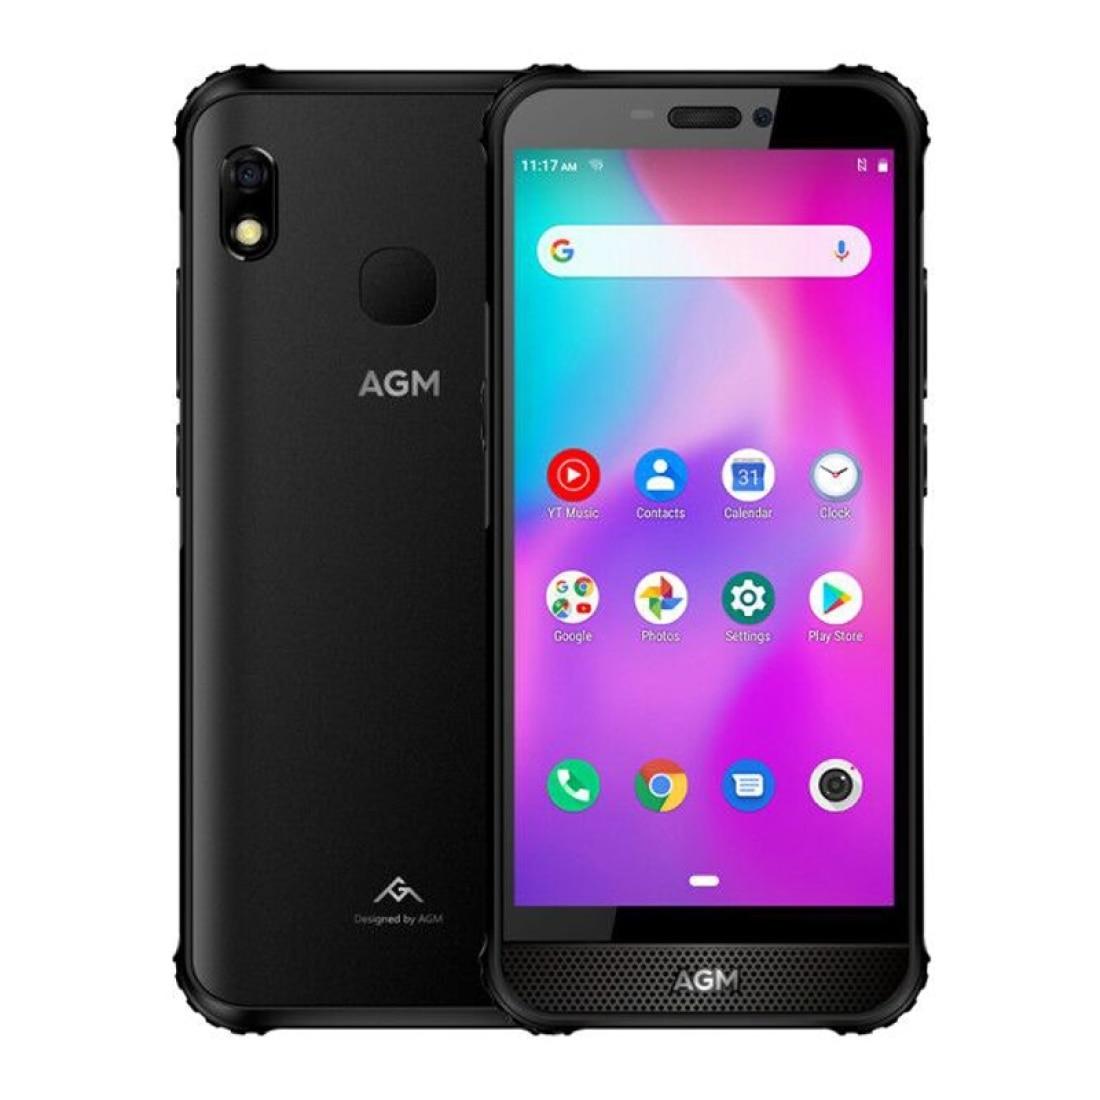 Купить AGM A10 прочный телефон Android 9 смартфон 5,7 дюймЭкран Unisoc ums312 NFC 6 ГБ + 128 ГБ сзади Камера 13MP отпечатков пальцев 4400 мАч мобильный телефон